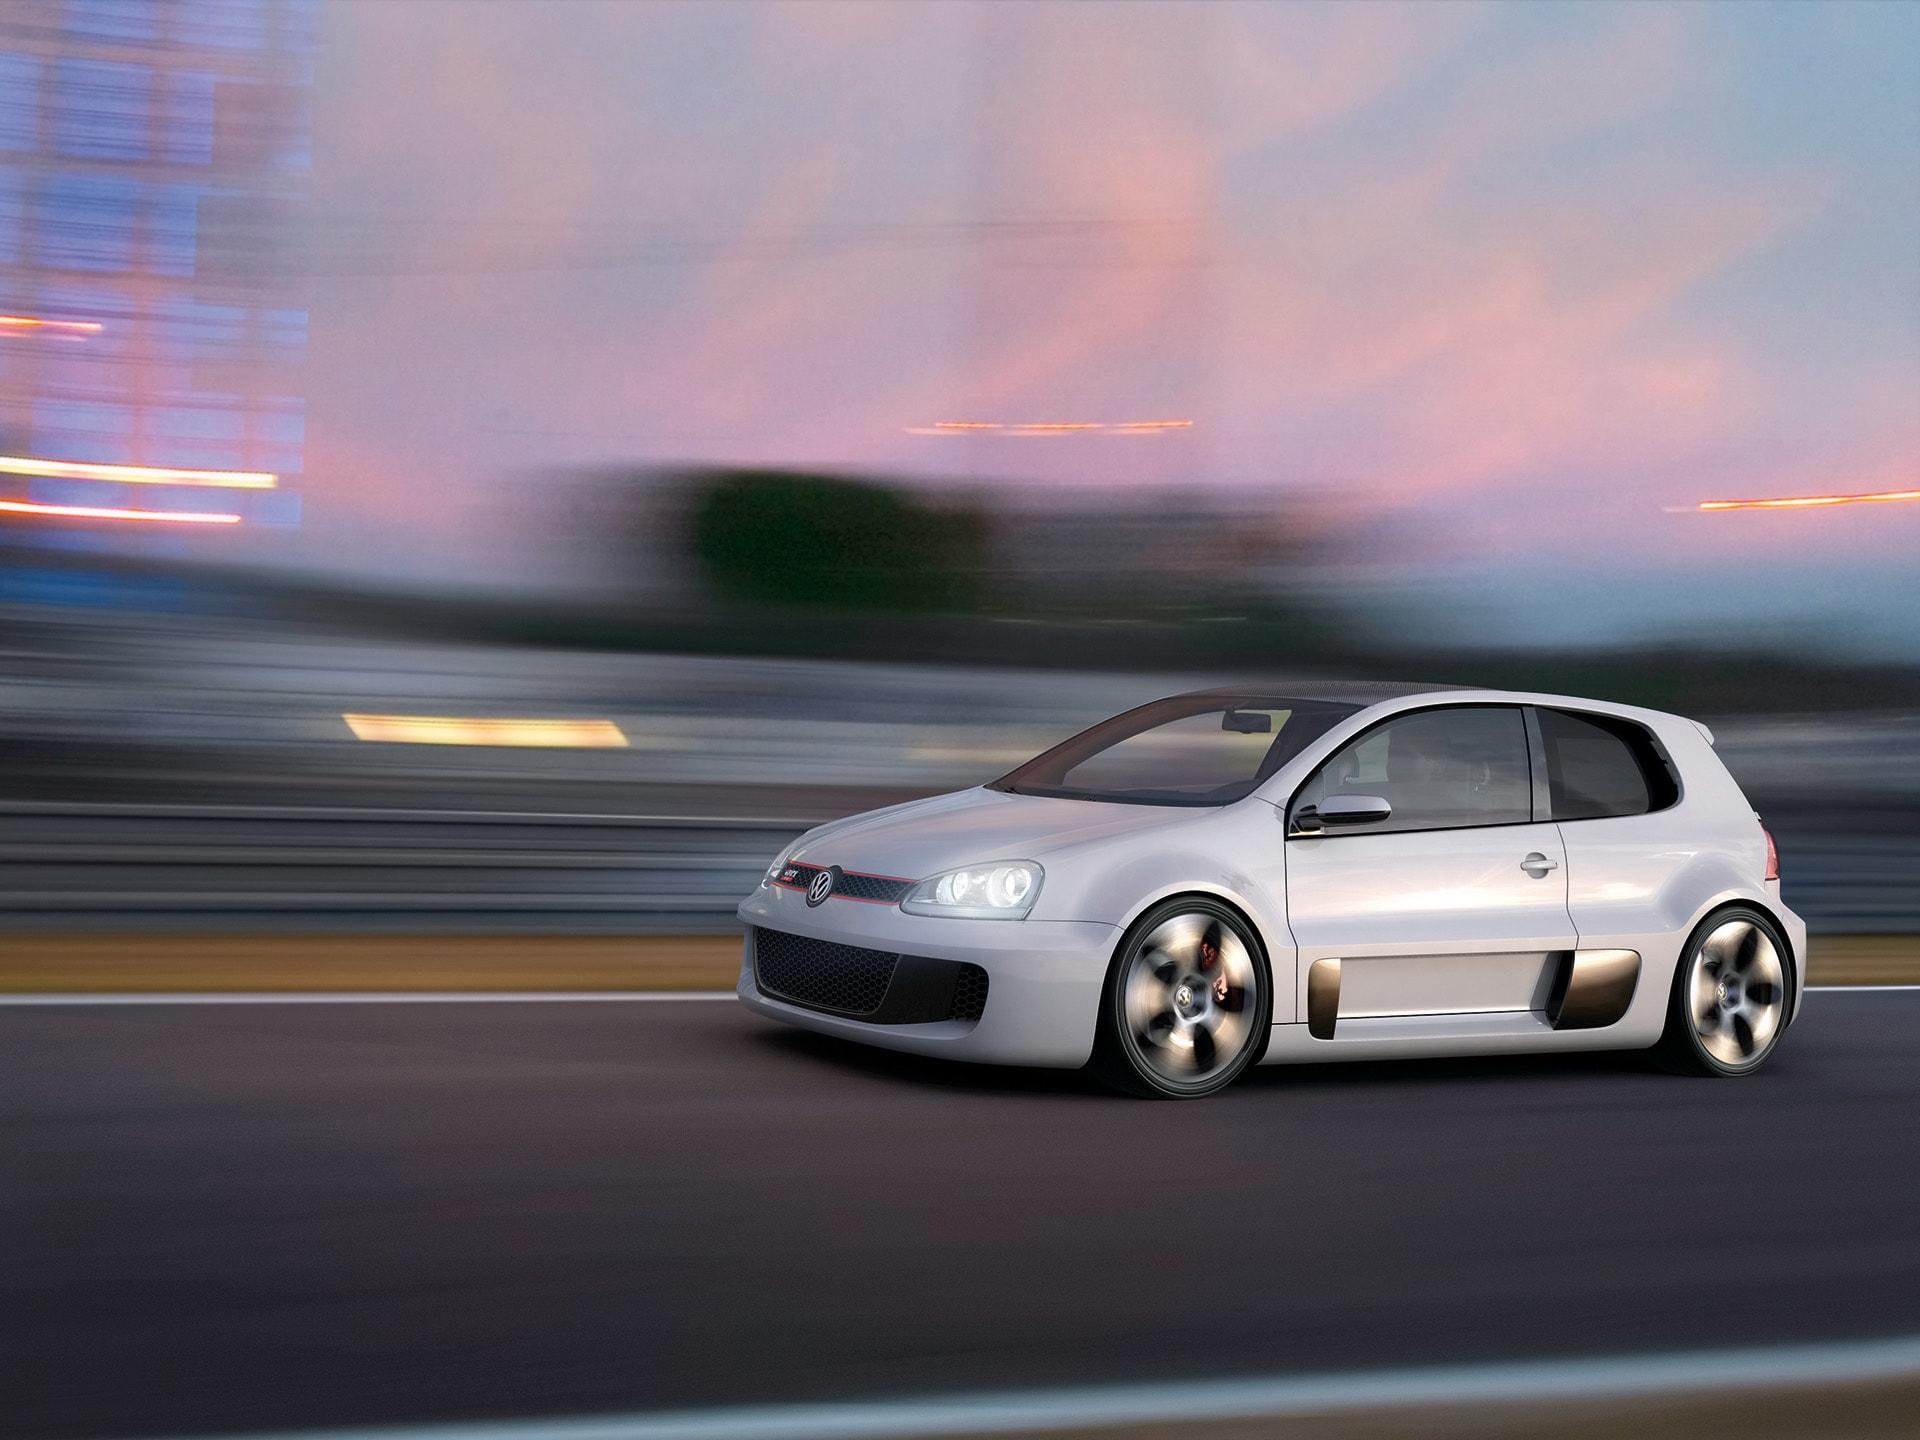 Volkswagen Golf GTI W12-650 Concept Widescreen for desktop